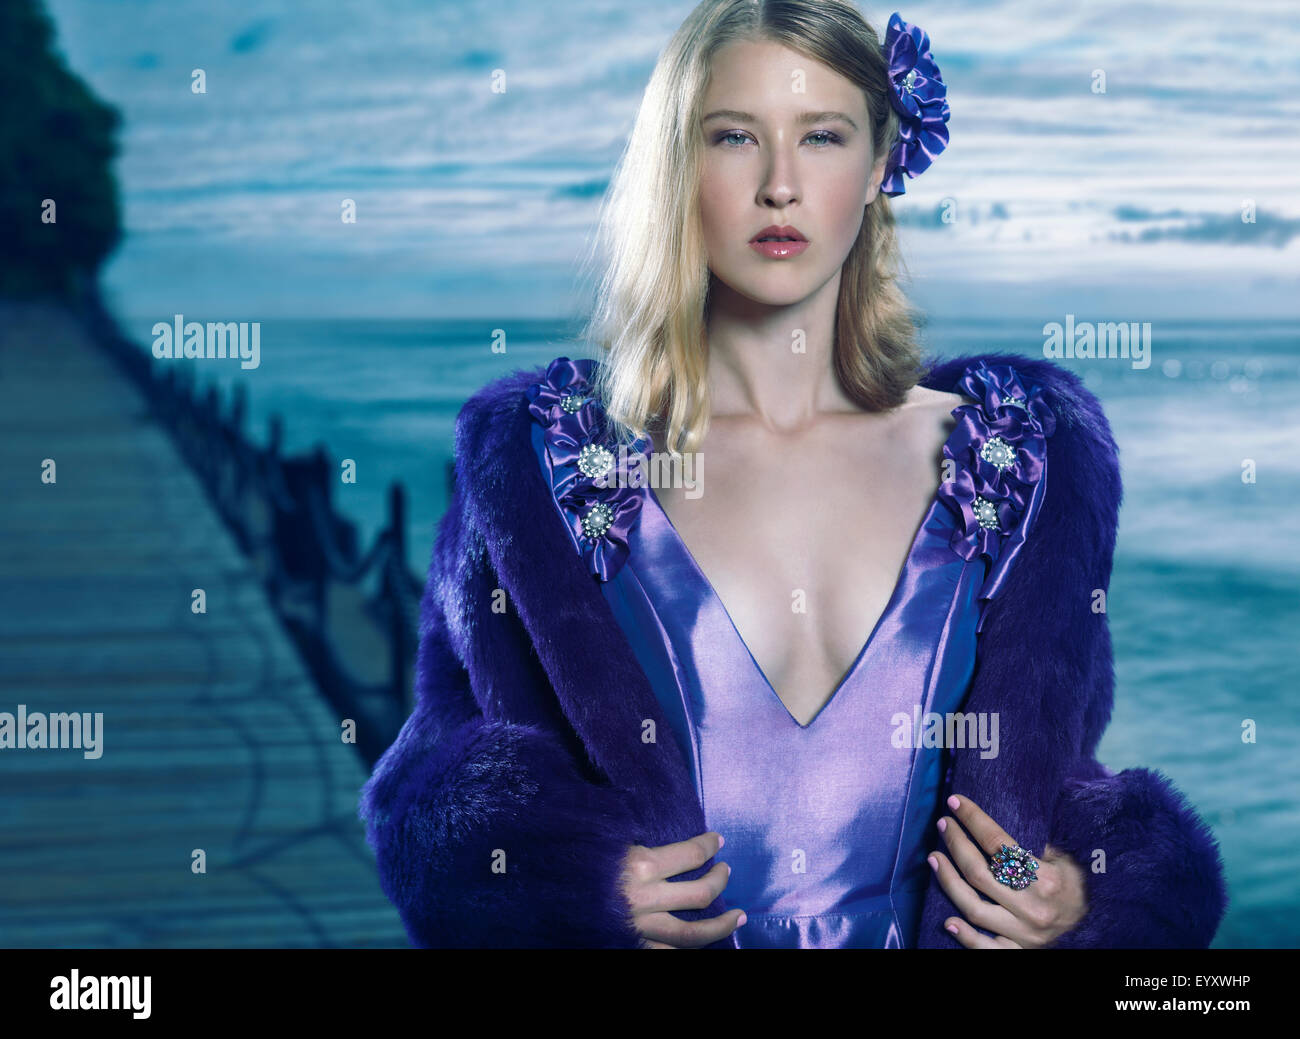 Bellezza ritratto di una giovane bella donna bionda che indossa un blu abito da sera e una camicia di pelliccia Immagini Stock